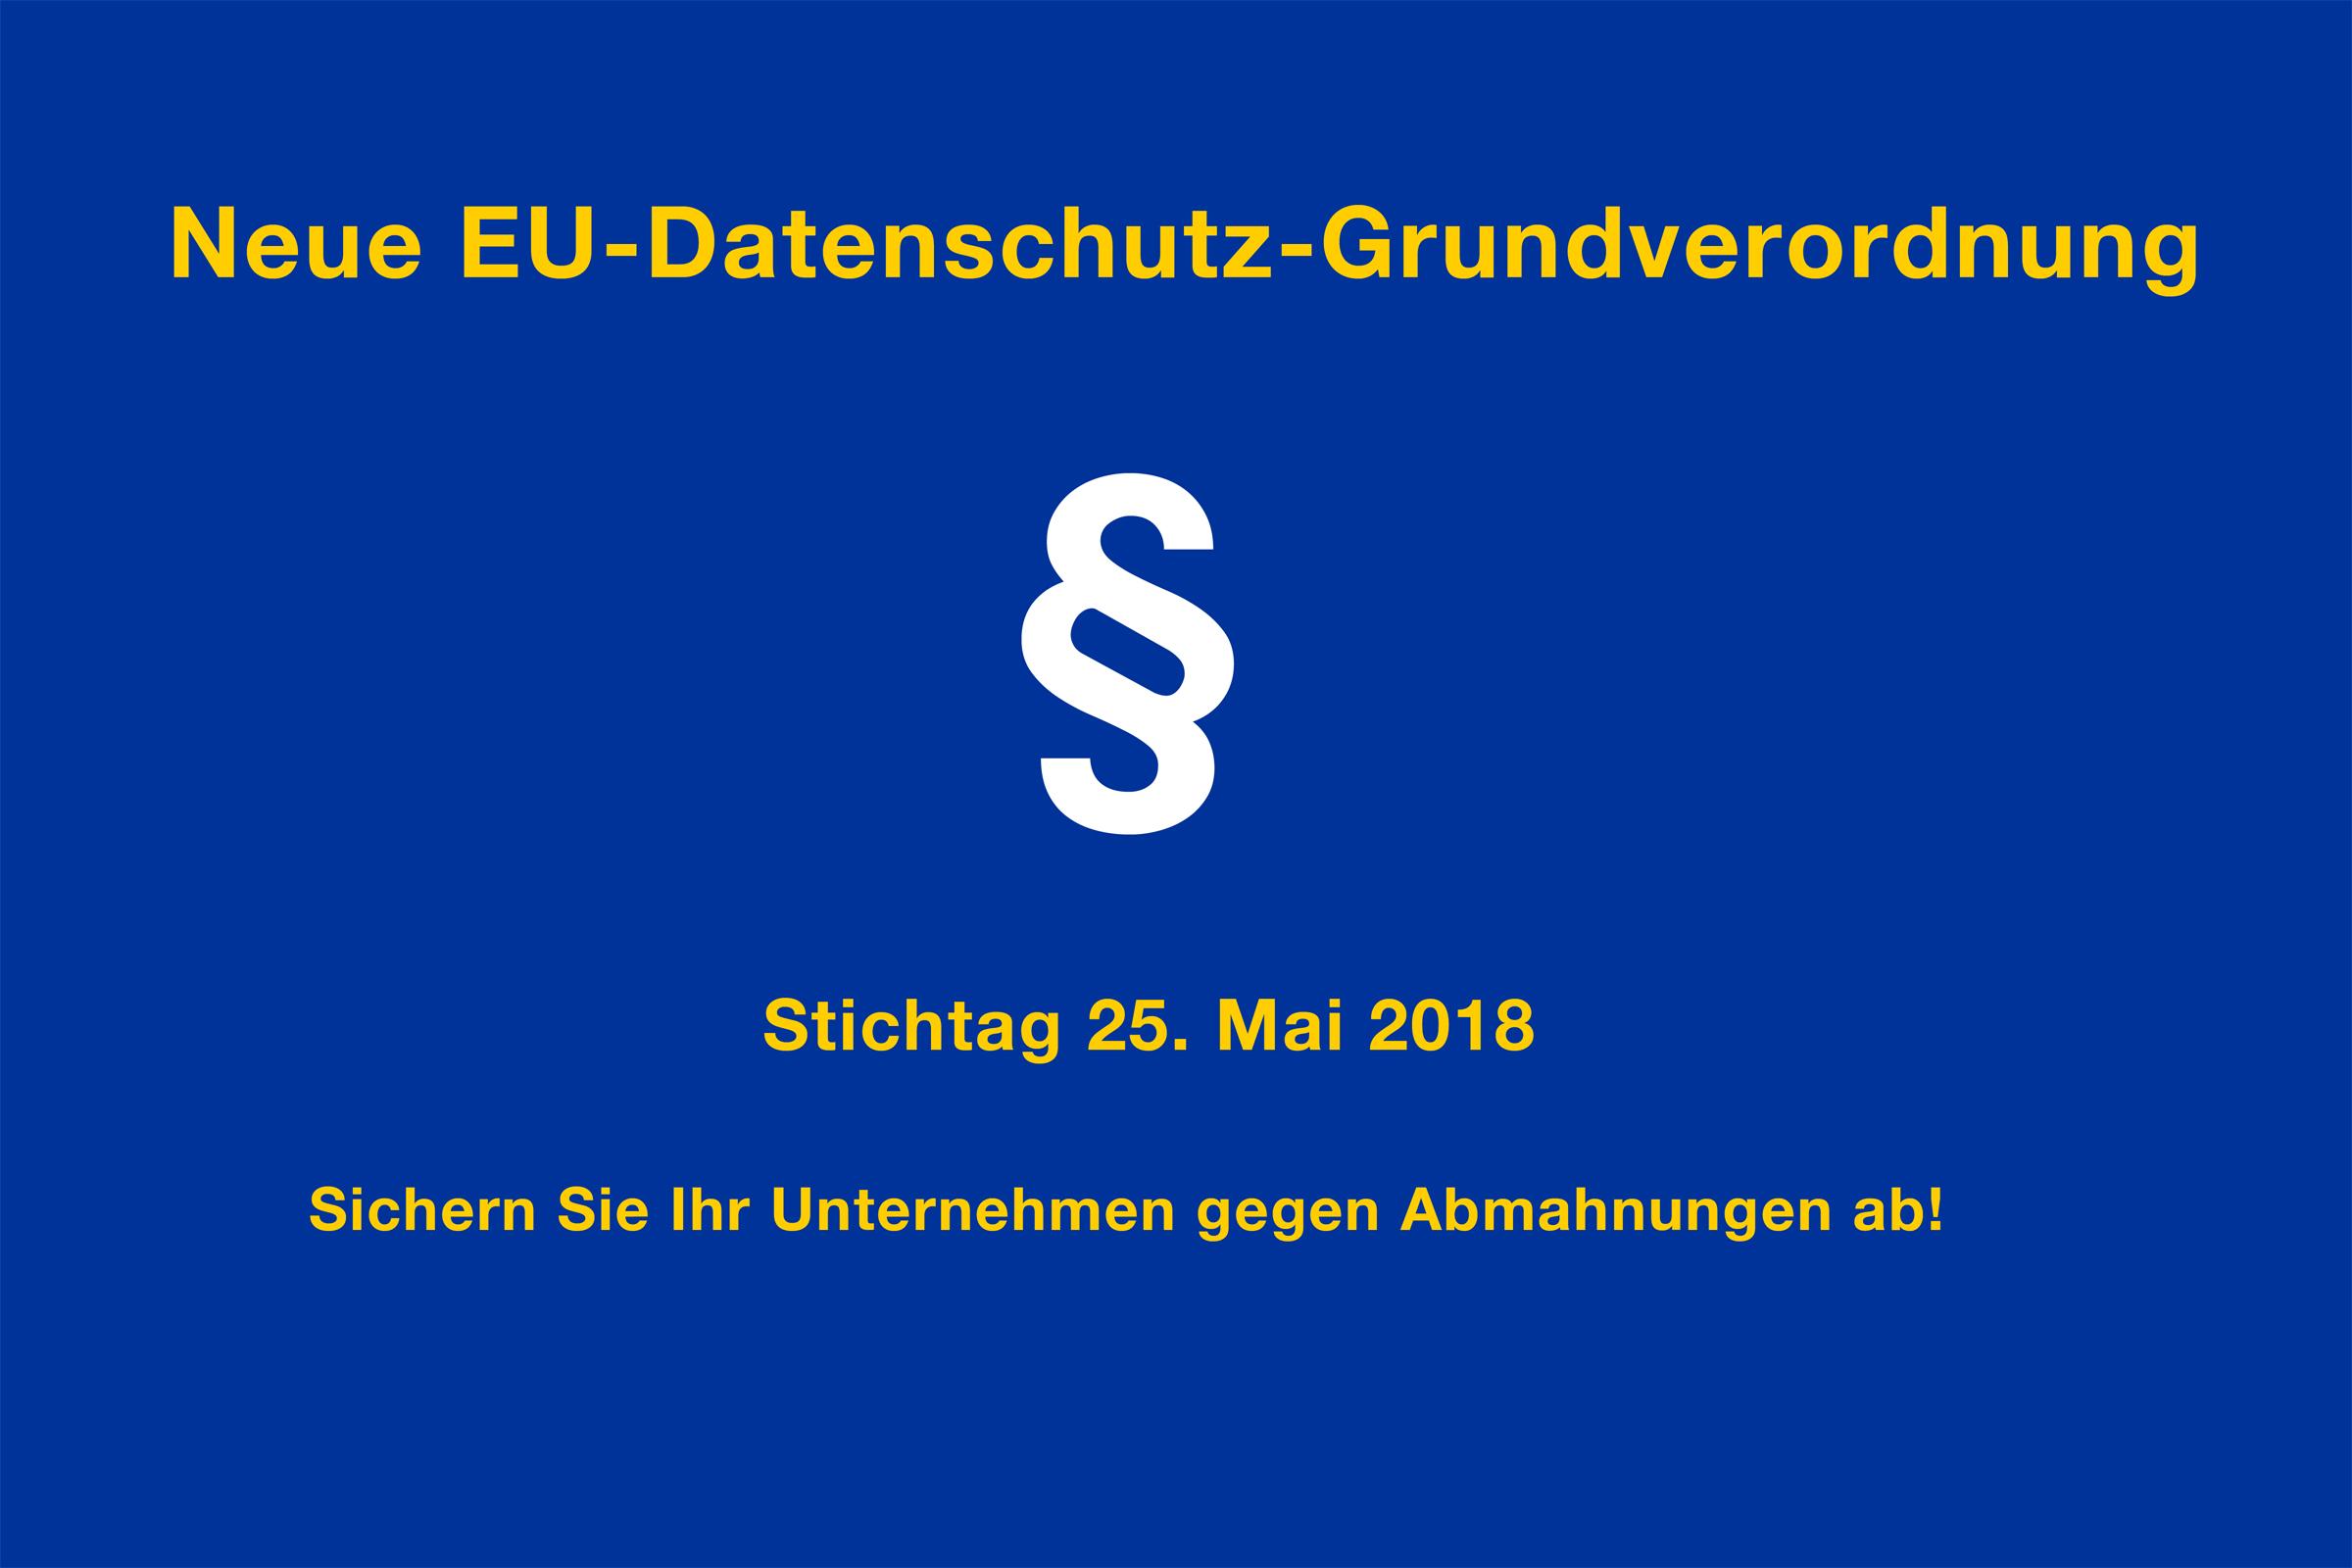 DSGVO - Die neue EU-Datenschutzgrundverordnung